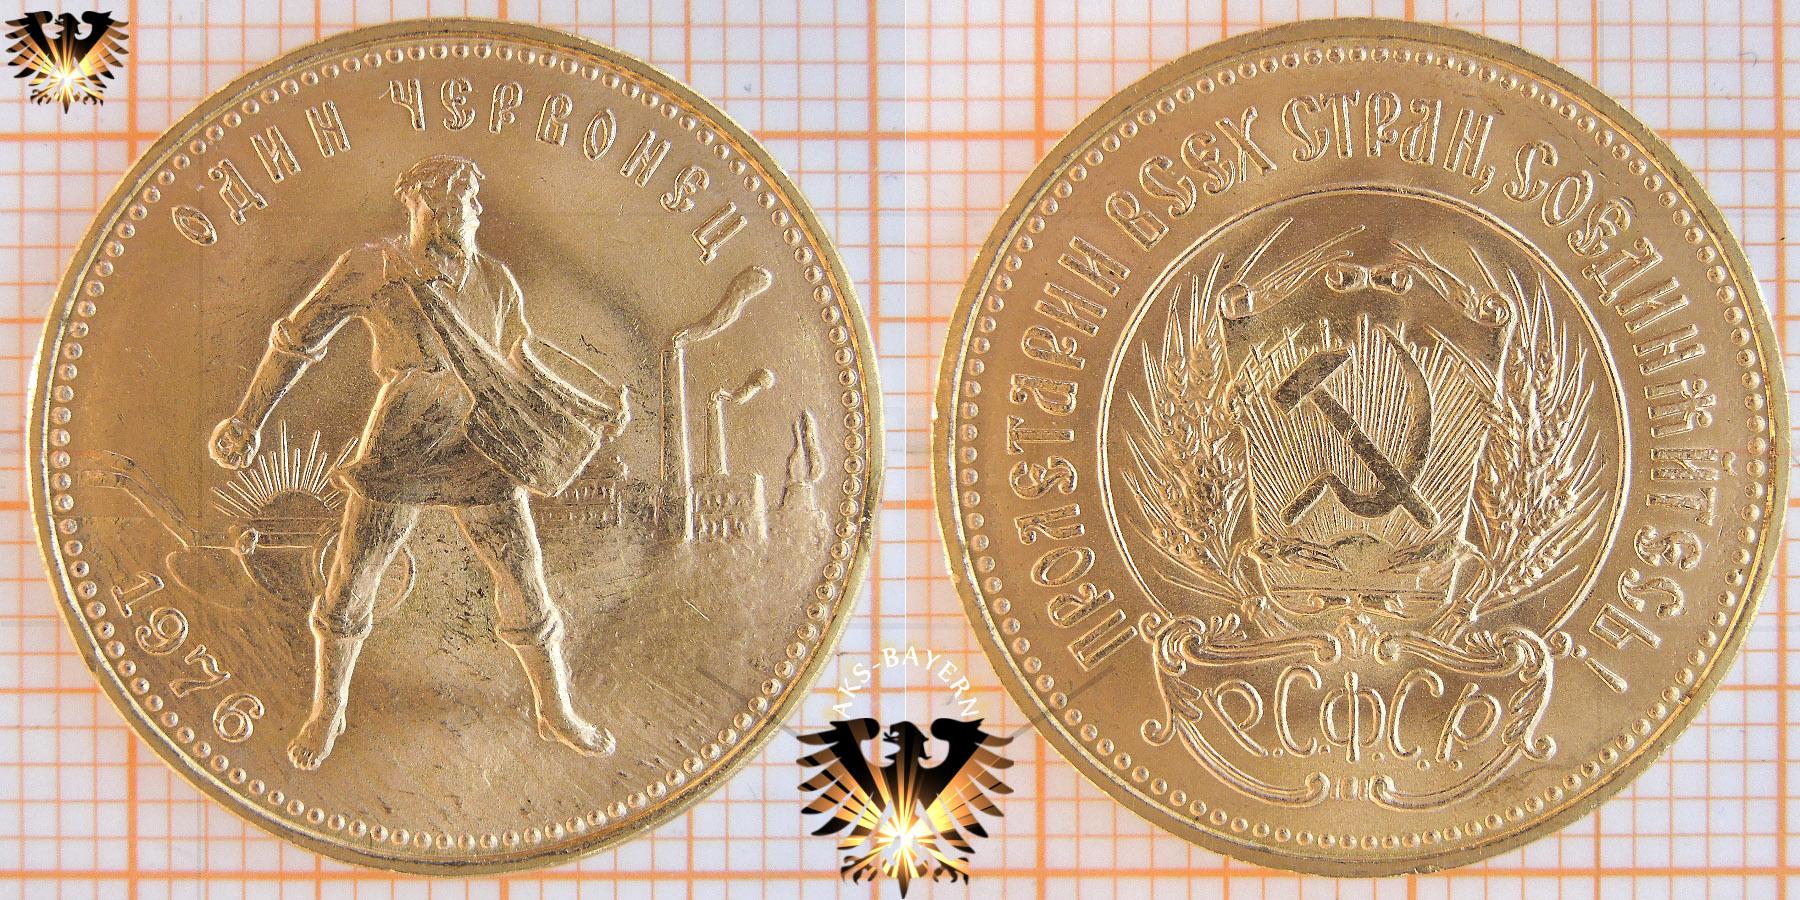 10 rubel 1 chervonetz russland cccp 1976 goldankaufstelle